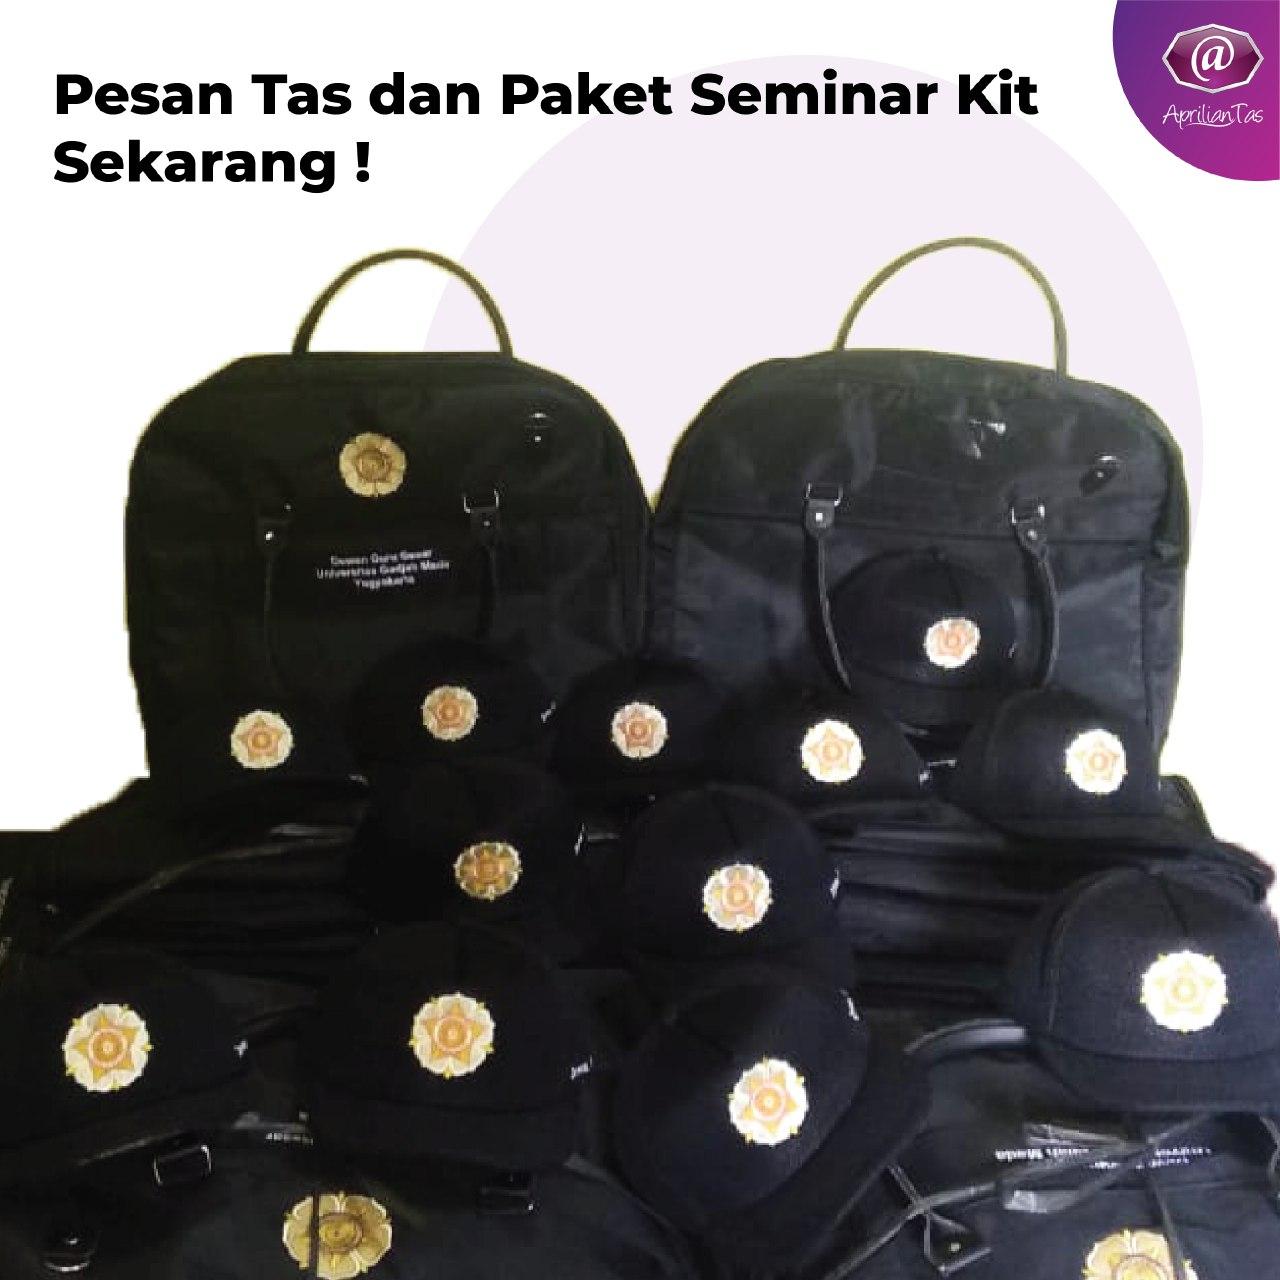 Tas Toga dewan guru besar UGM Yogyakarta - konveksi tas seminar medan